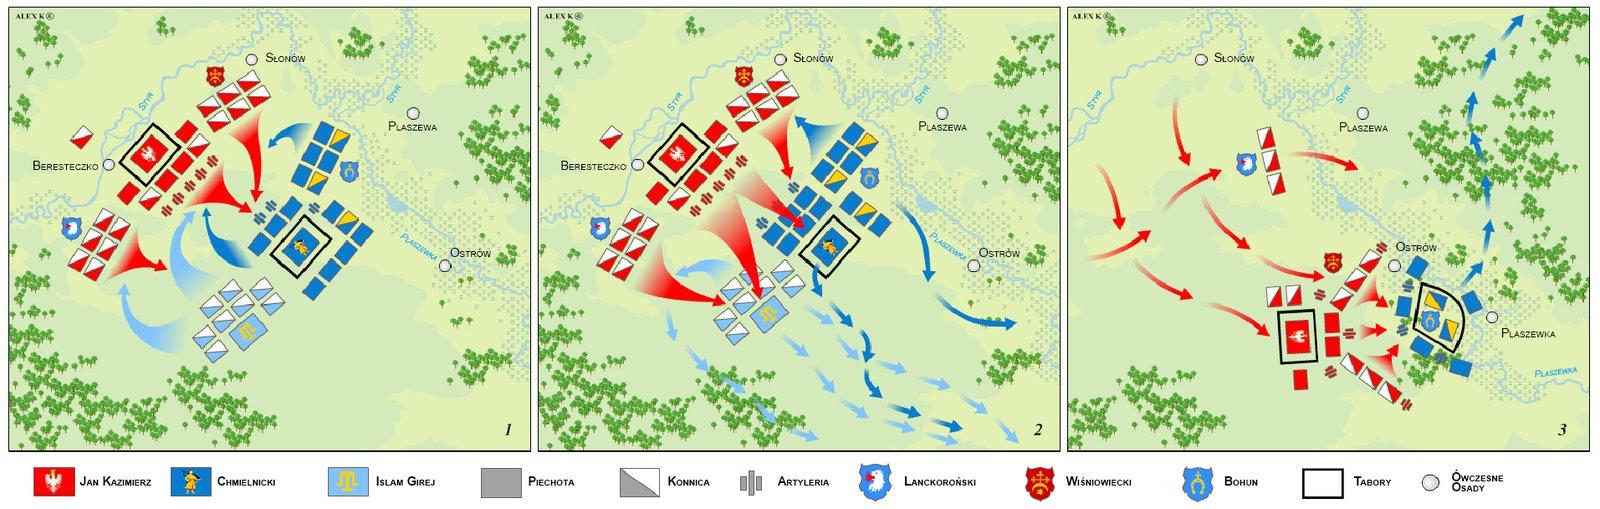 Plan bitwy pod Beresteczkiem w1651 r. – trzy fazy starcia Plan bitwy pod Beresteczkiem w1651 r. – trzy fazy starcia Źródło: Hoodinski, Wikimedia Commons, licencja: CC BY-SA 3.0.